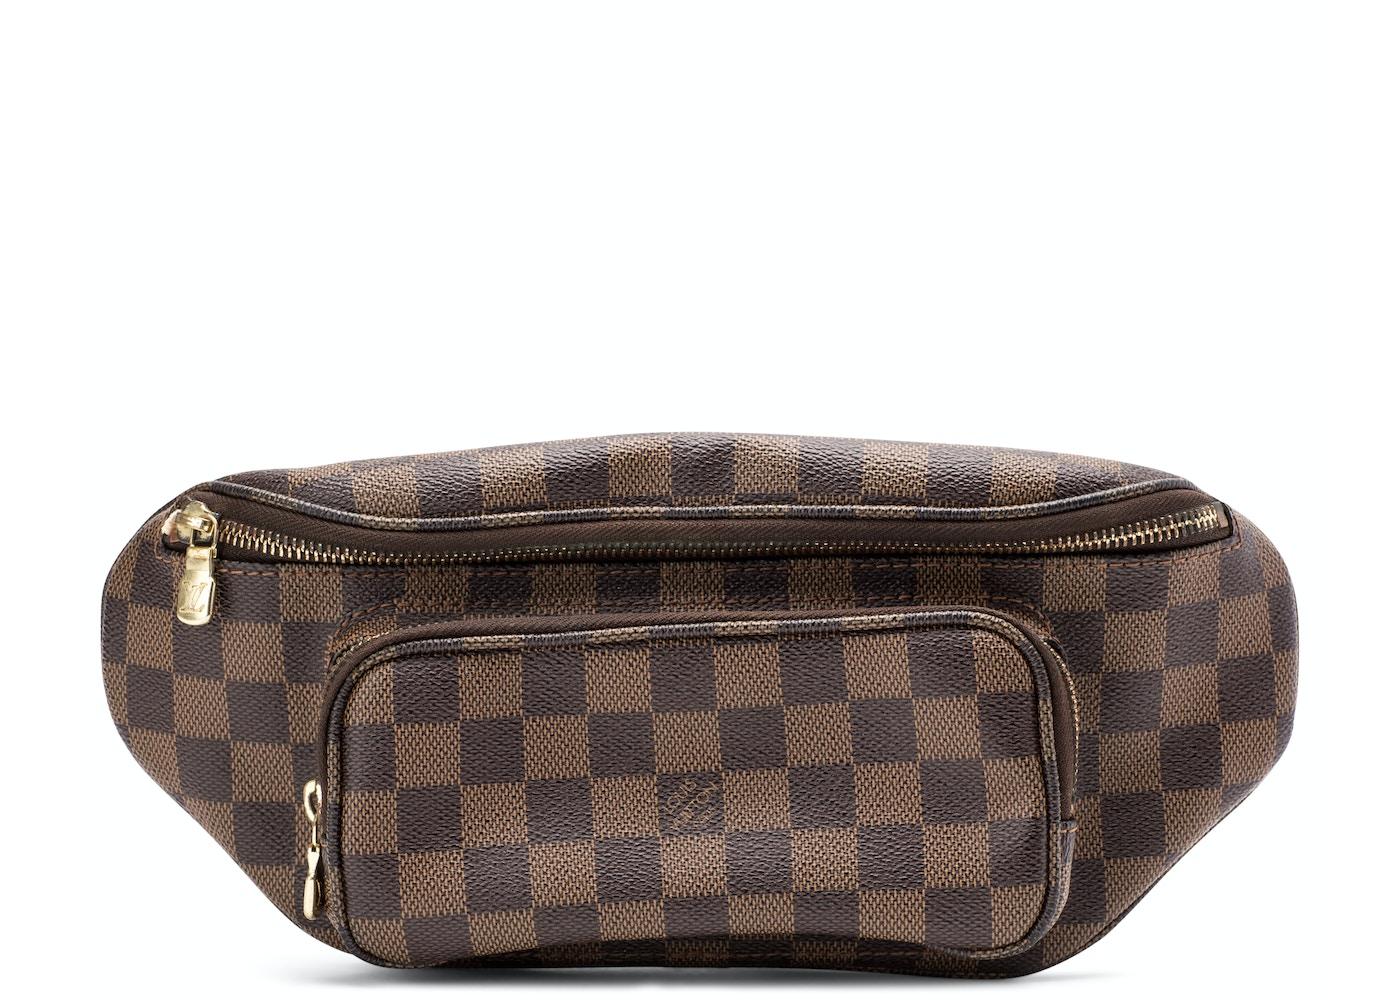 8fd03cf357 Louis Vuitton Melville Waistbag Damier Ebene Brown